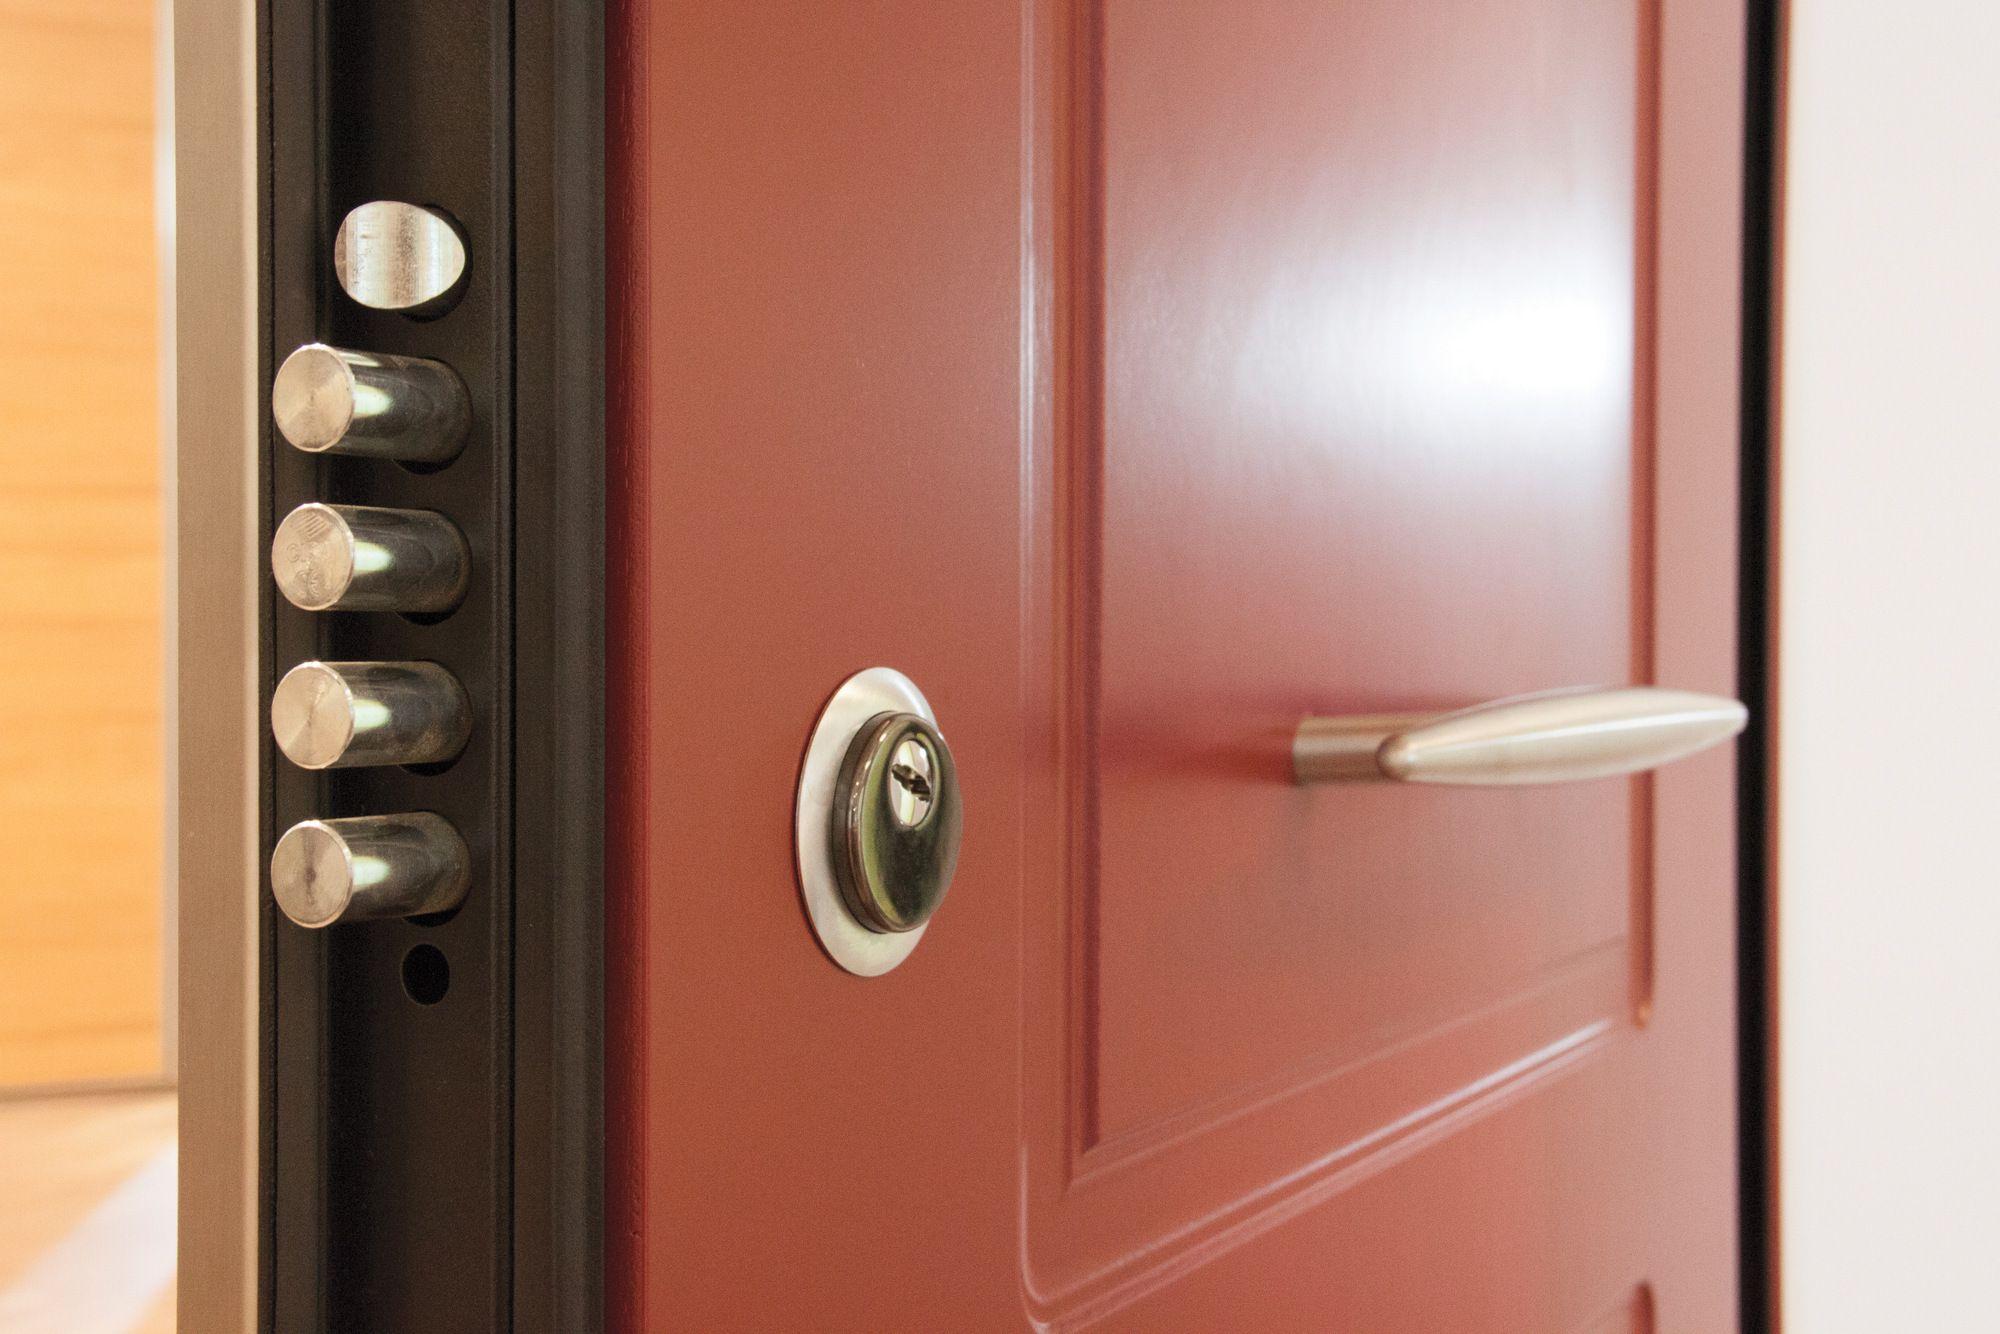 Pannello di rivestimento per porte blindate venezia 2 - Pannello decorativo per porte ...